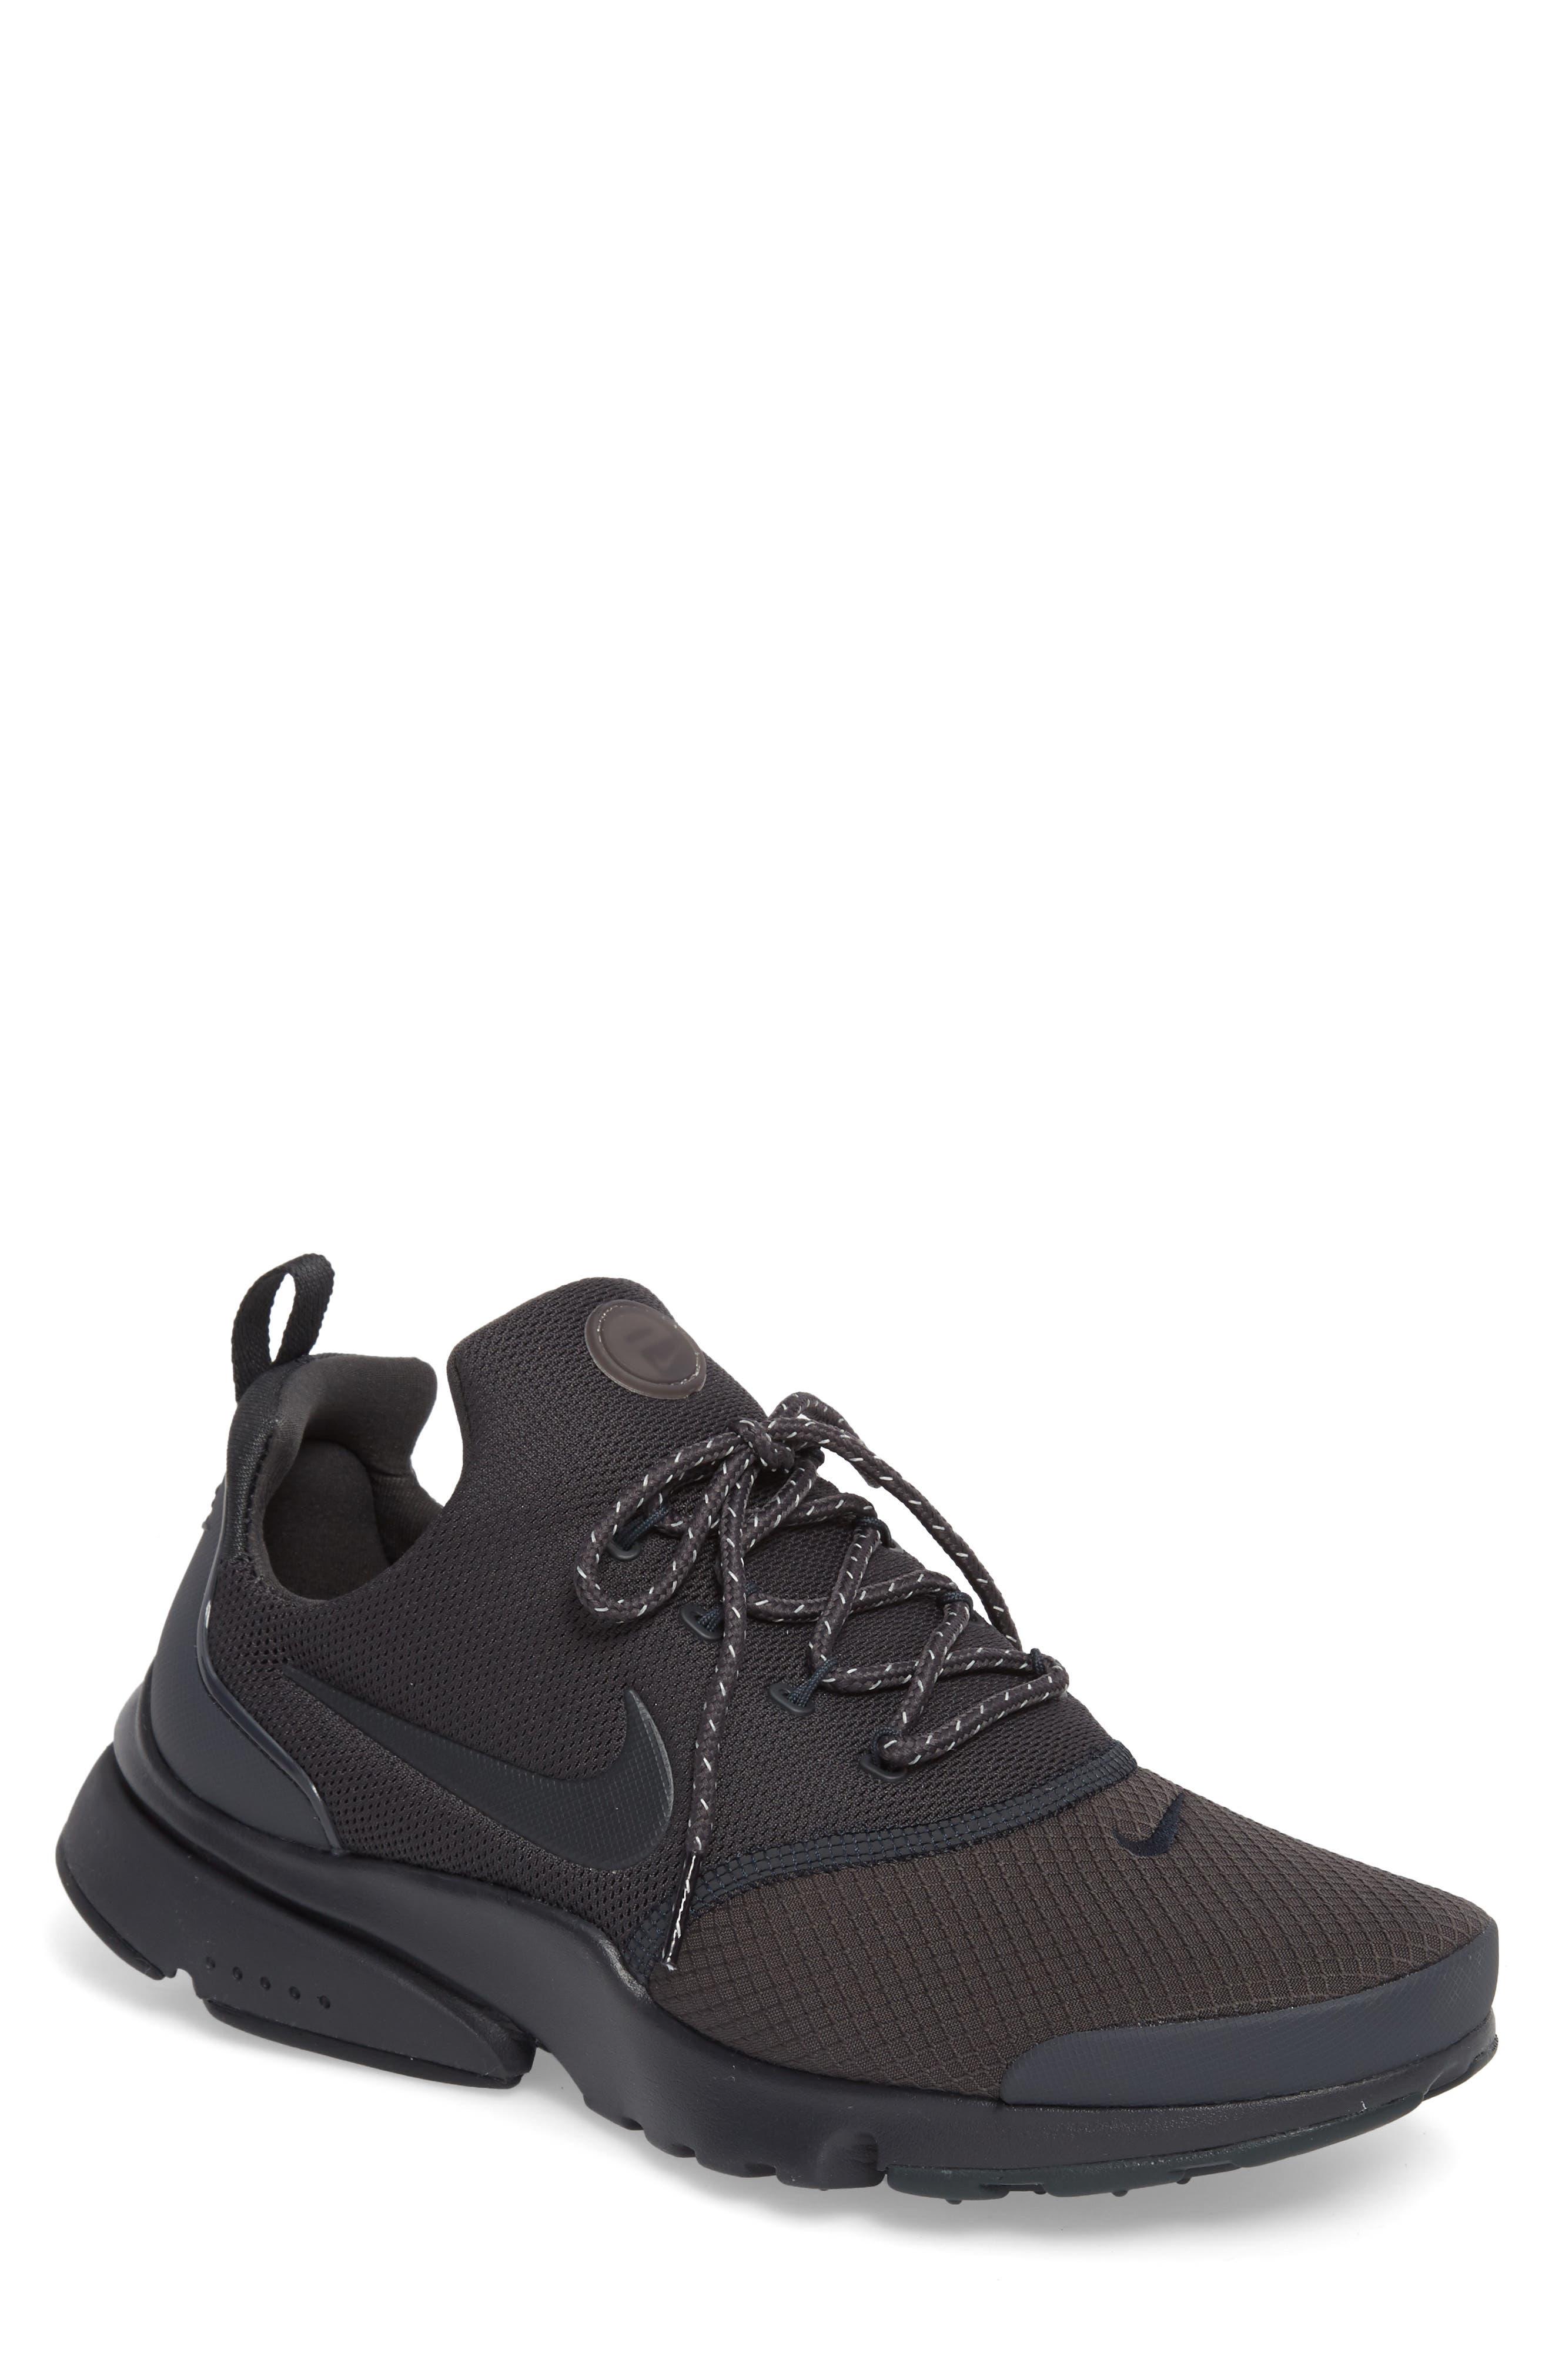 Presto Fly SE Sneaker,                         Main,                         color,